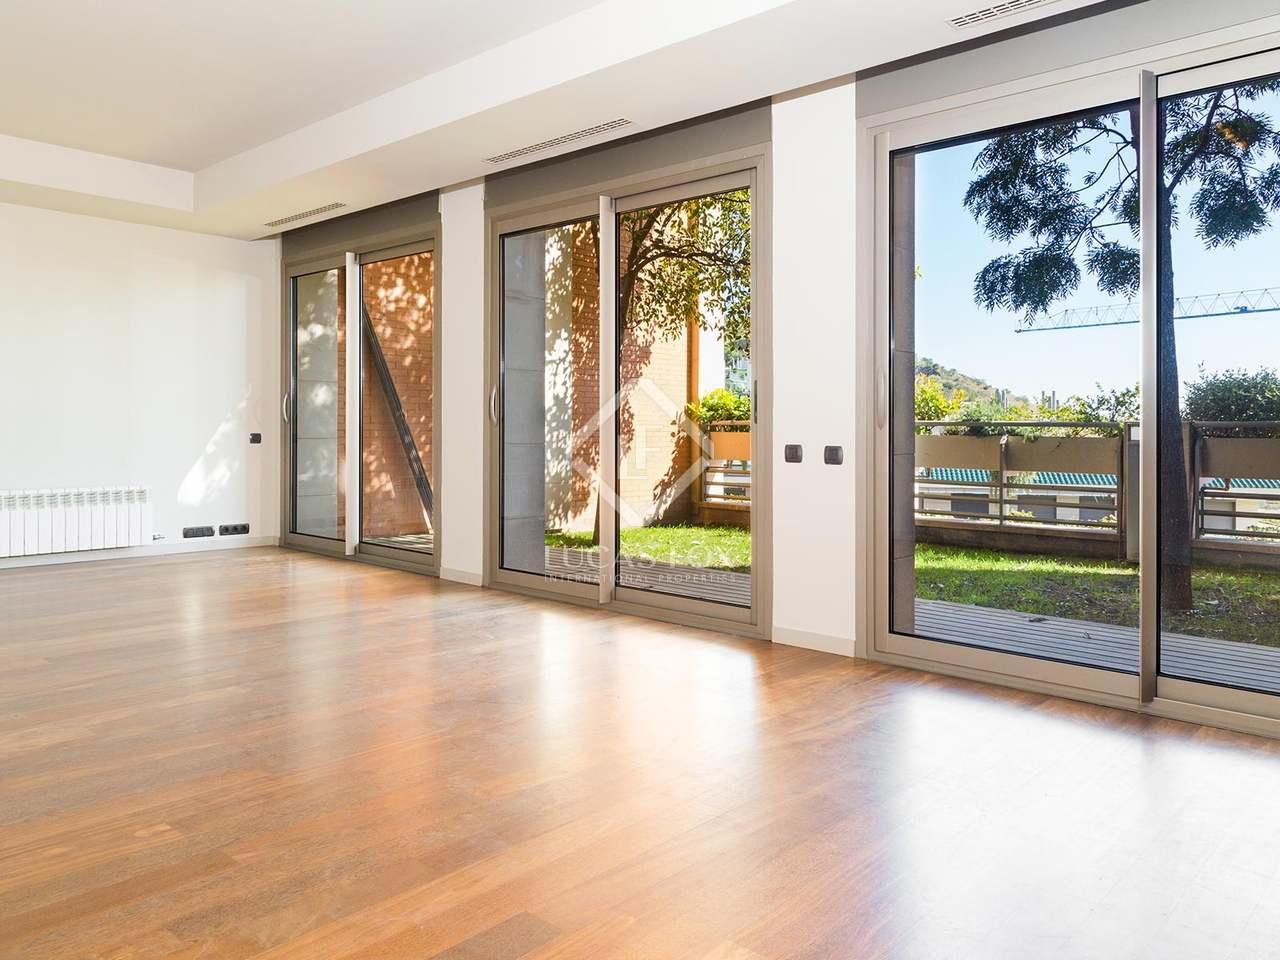 belle maison louer la zona alta de barcelone. Black Bedroom Furniture Sets. Home Design Ideas